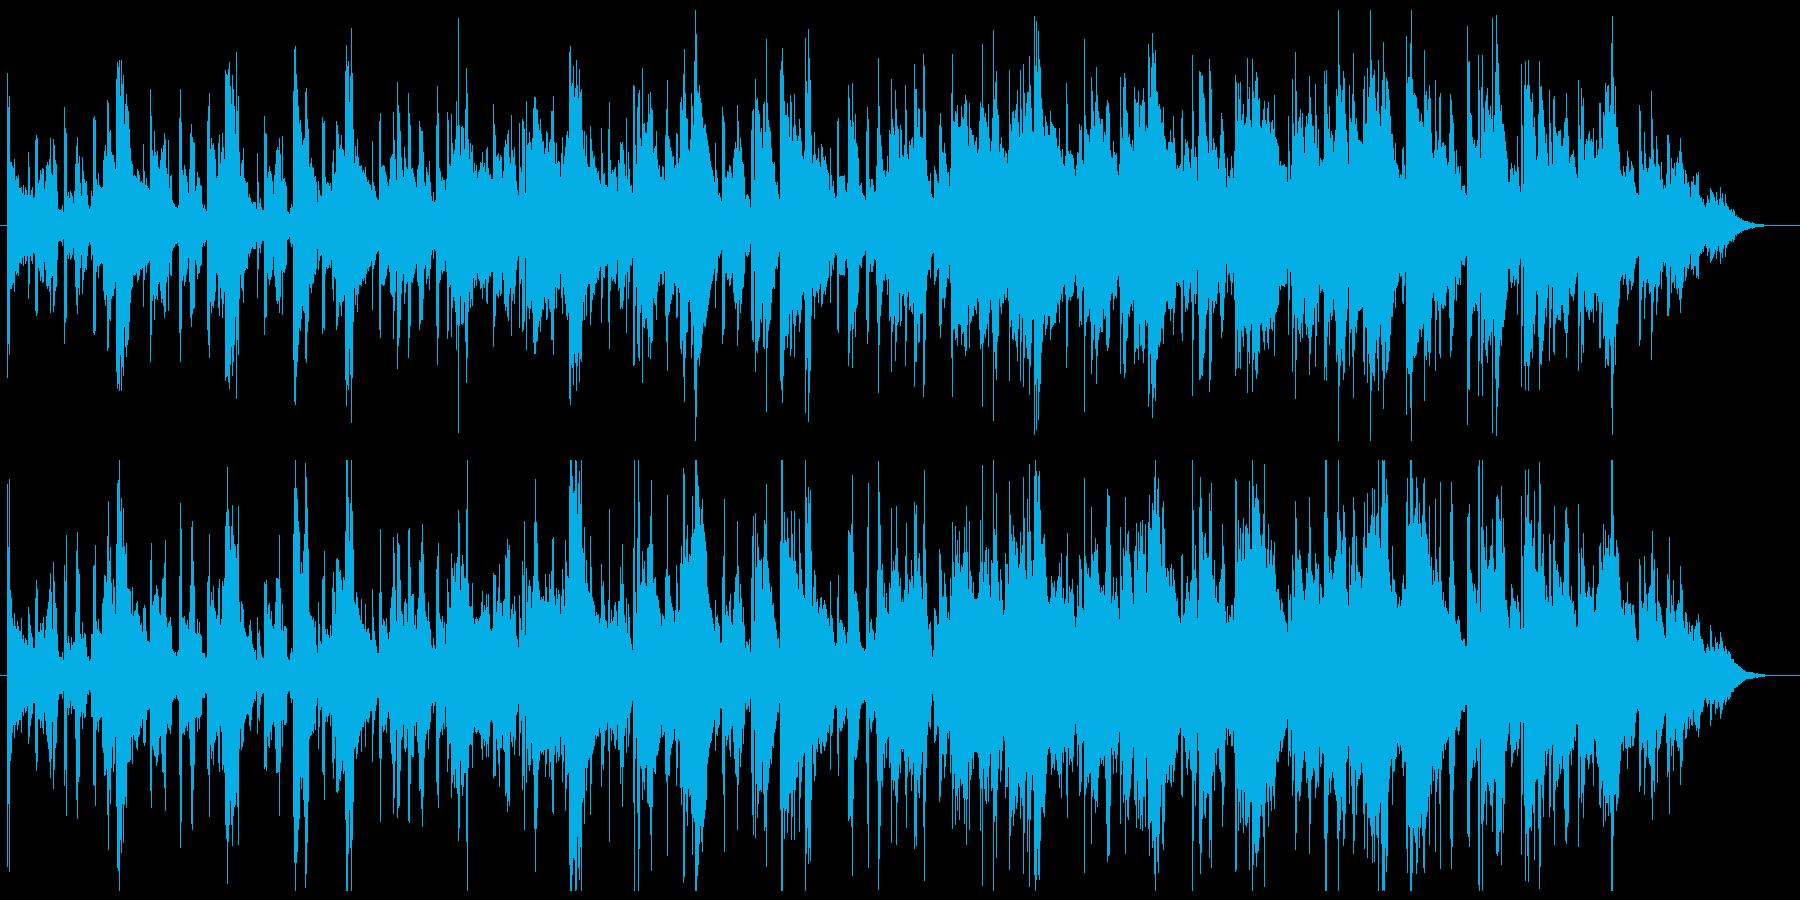 歪・不気味な空気感のアンビエントの再生済みの波形